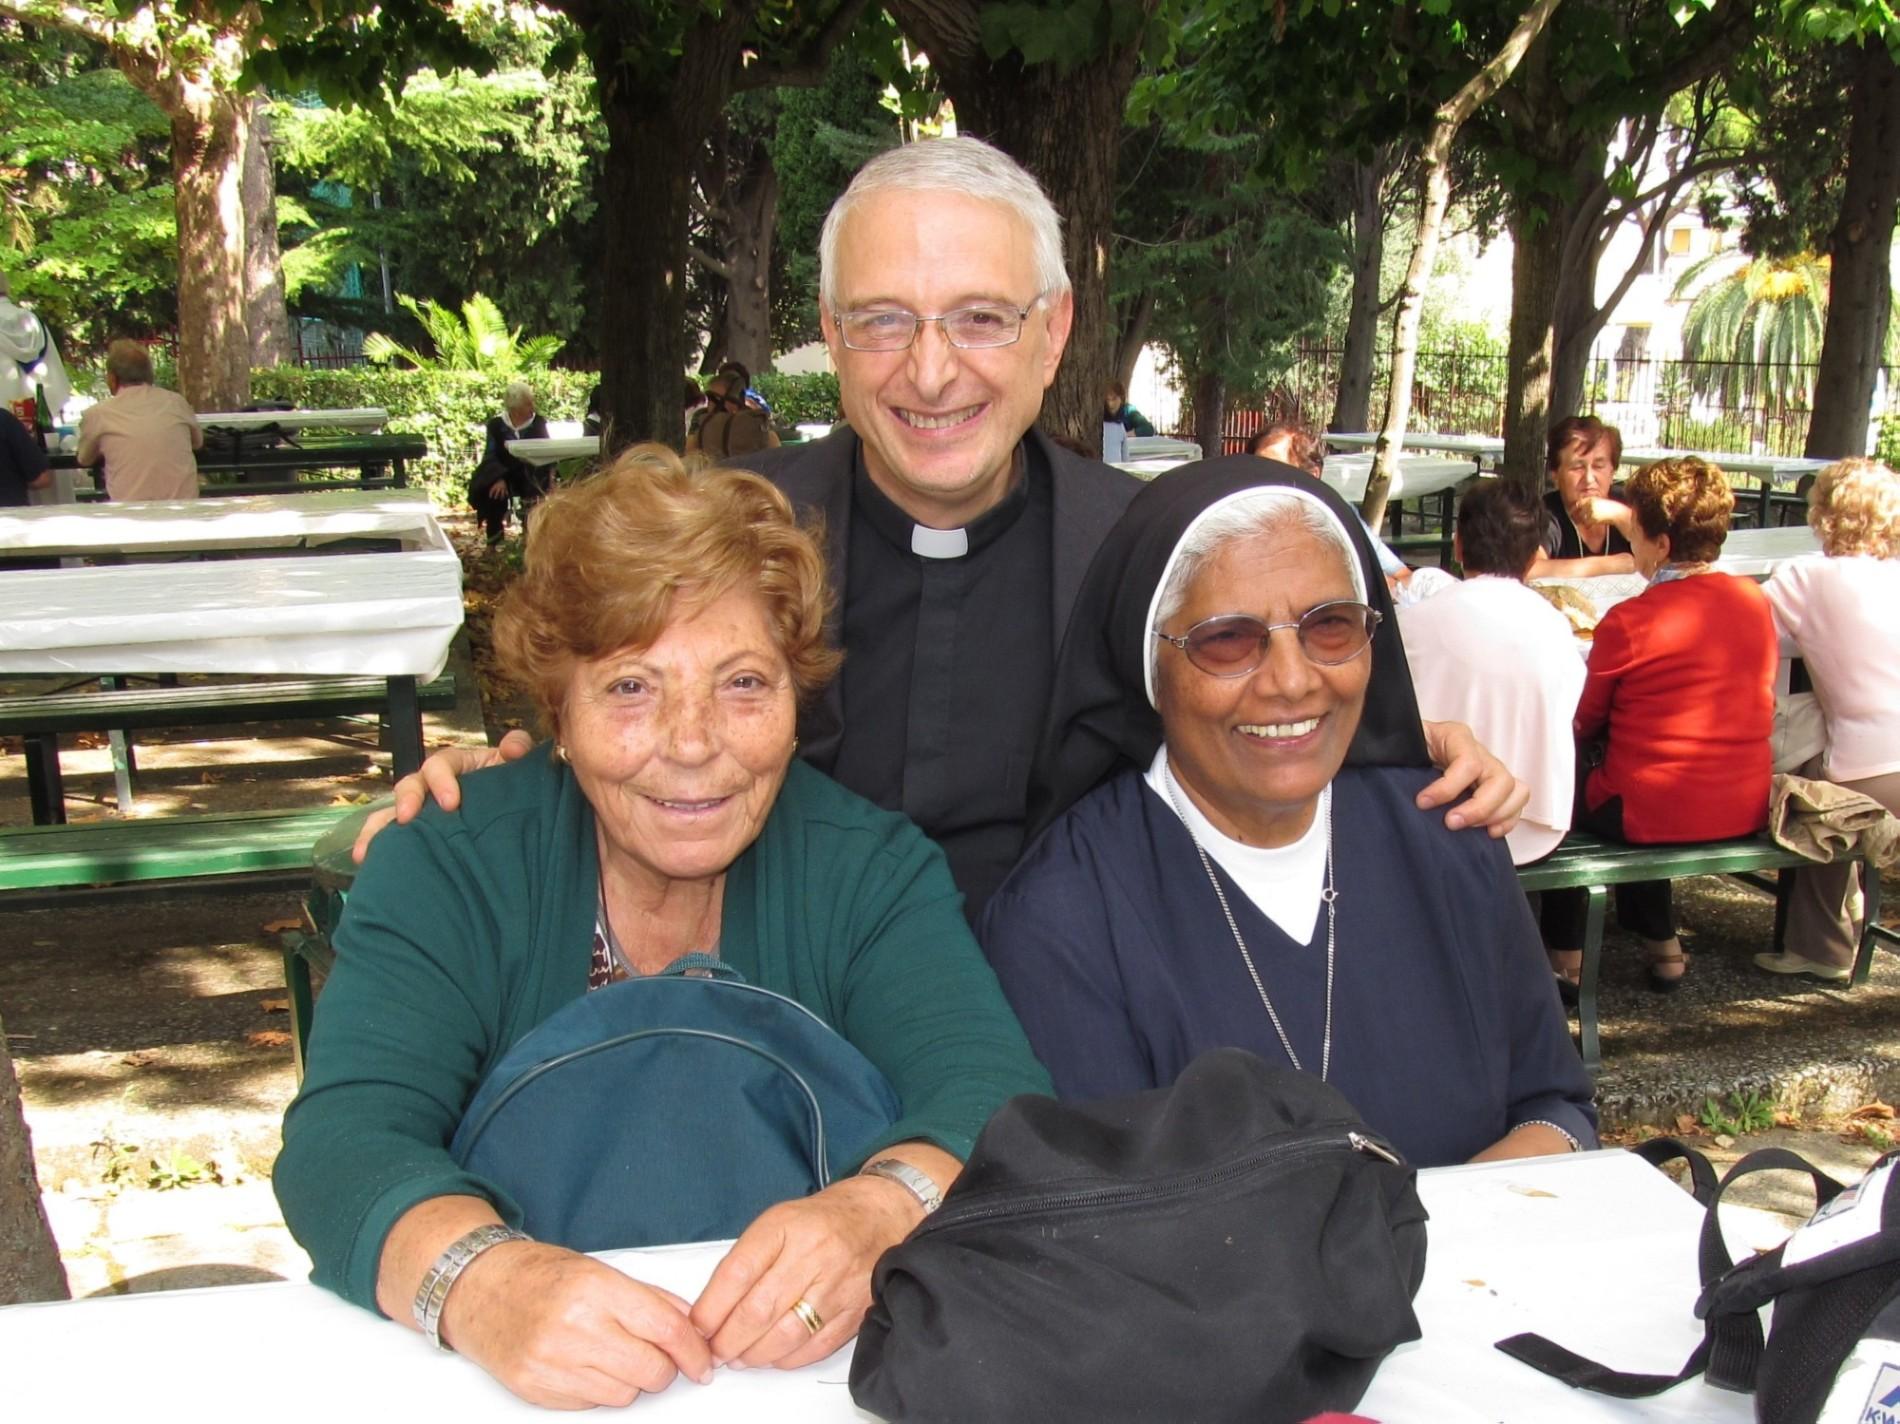 giornata_comunita_arenzano-2013-09-22-13-42-27